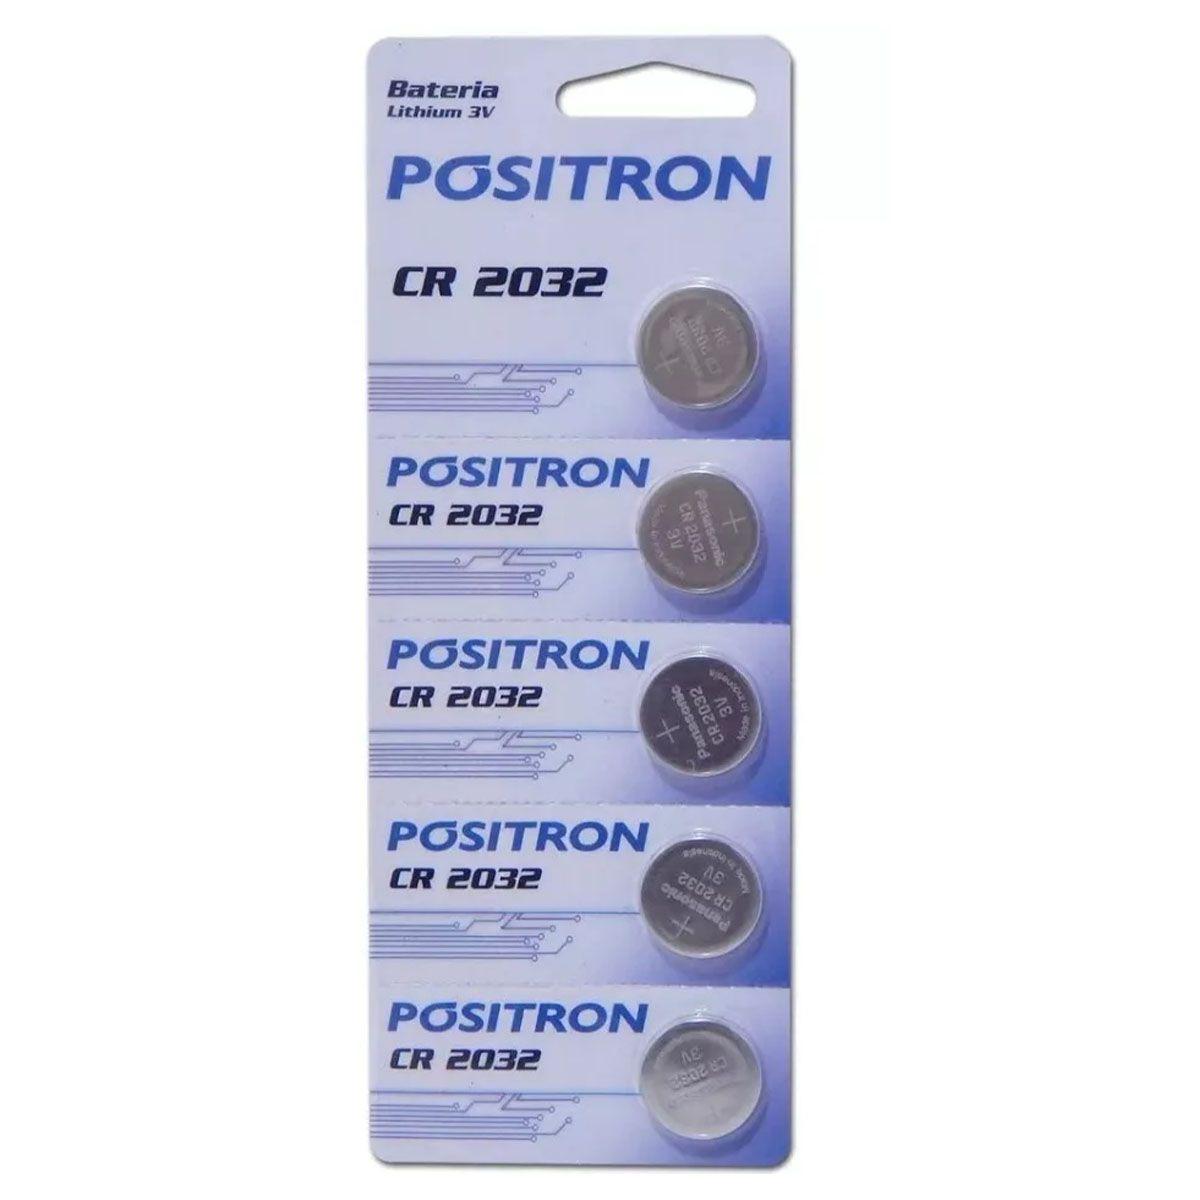 Bateria CR2032 Positron para Alarme Cartela com 5 Unidades